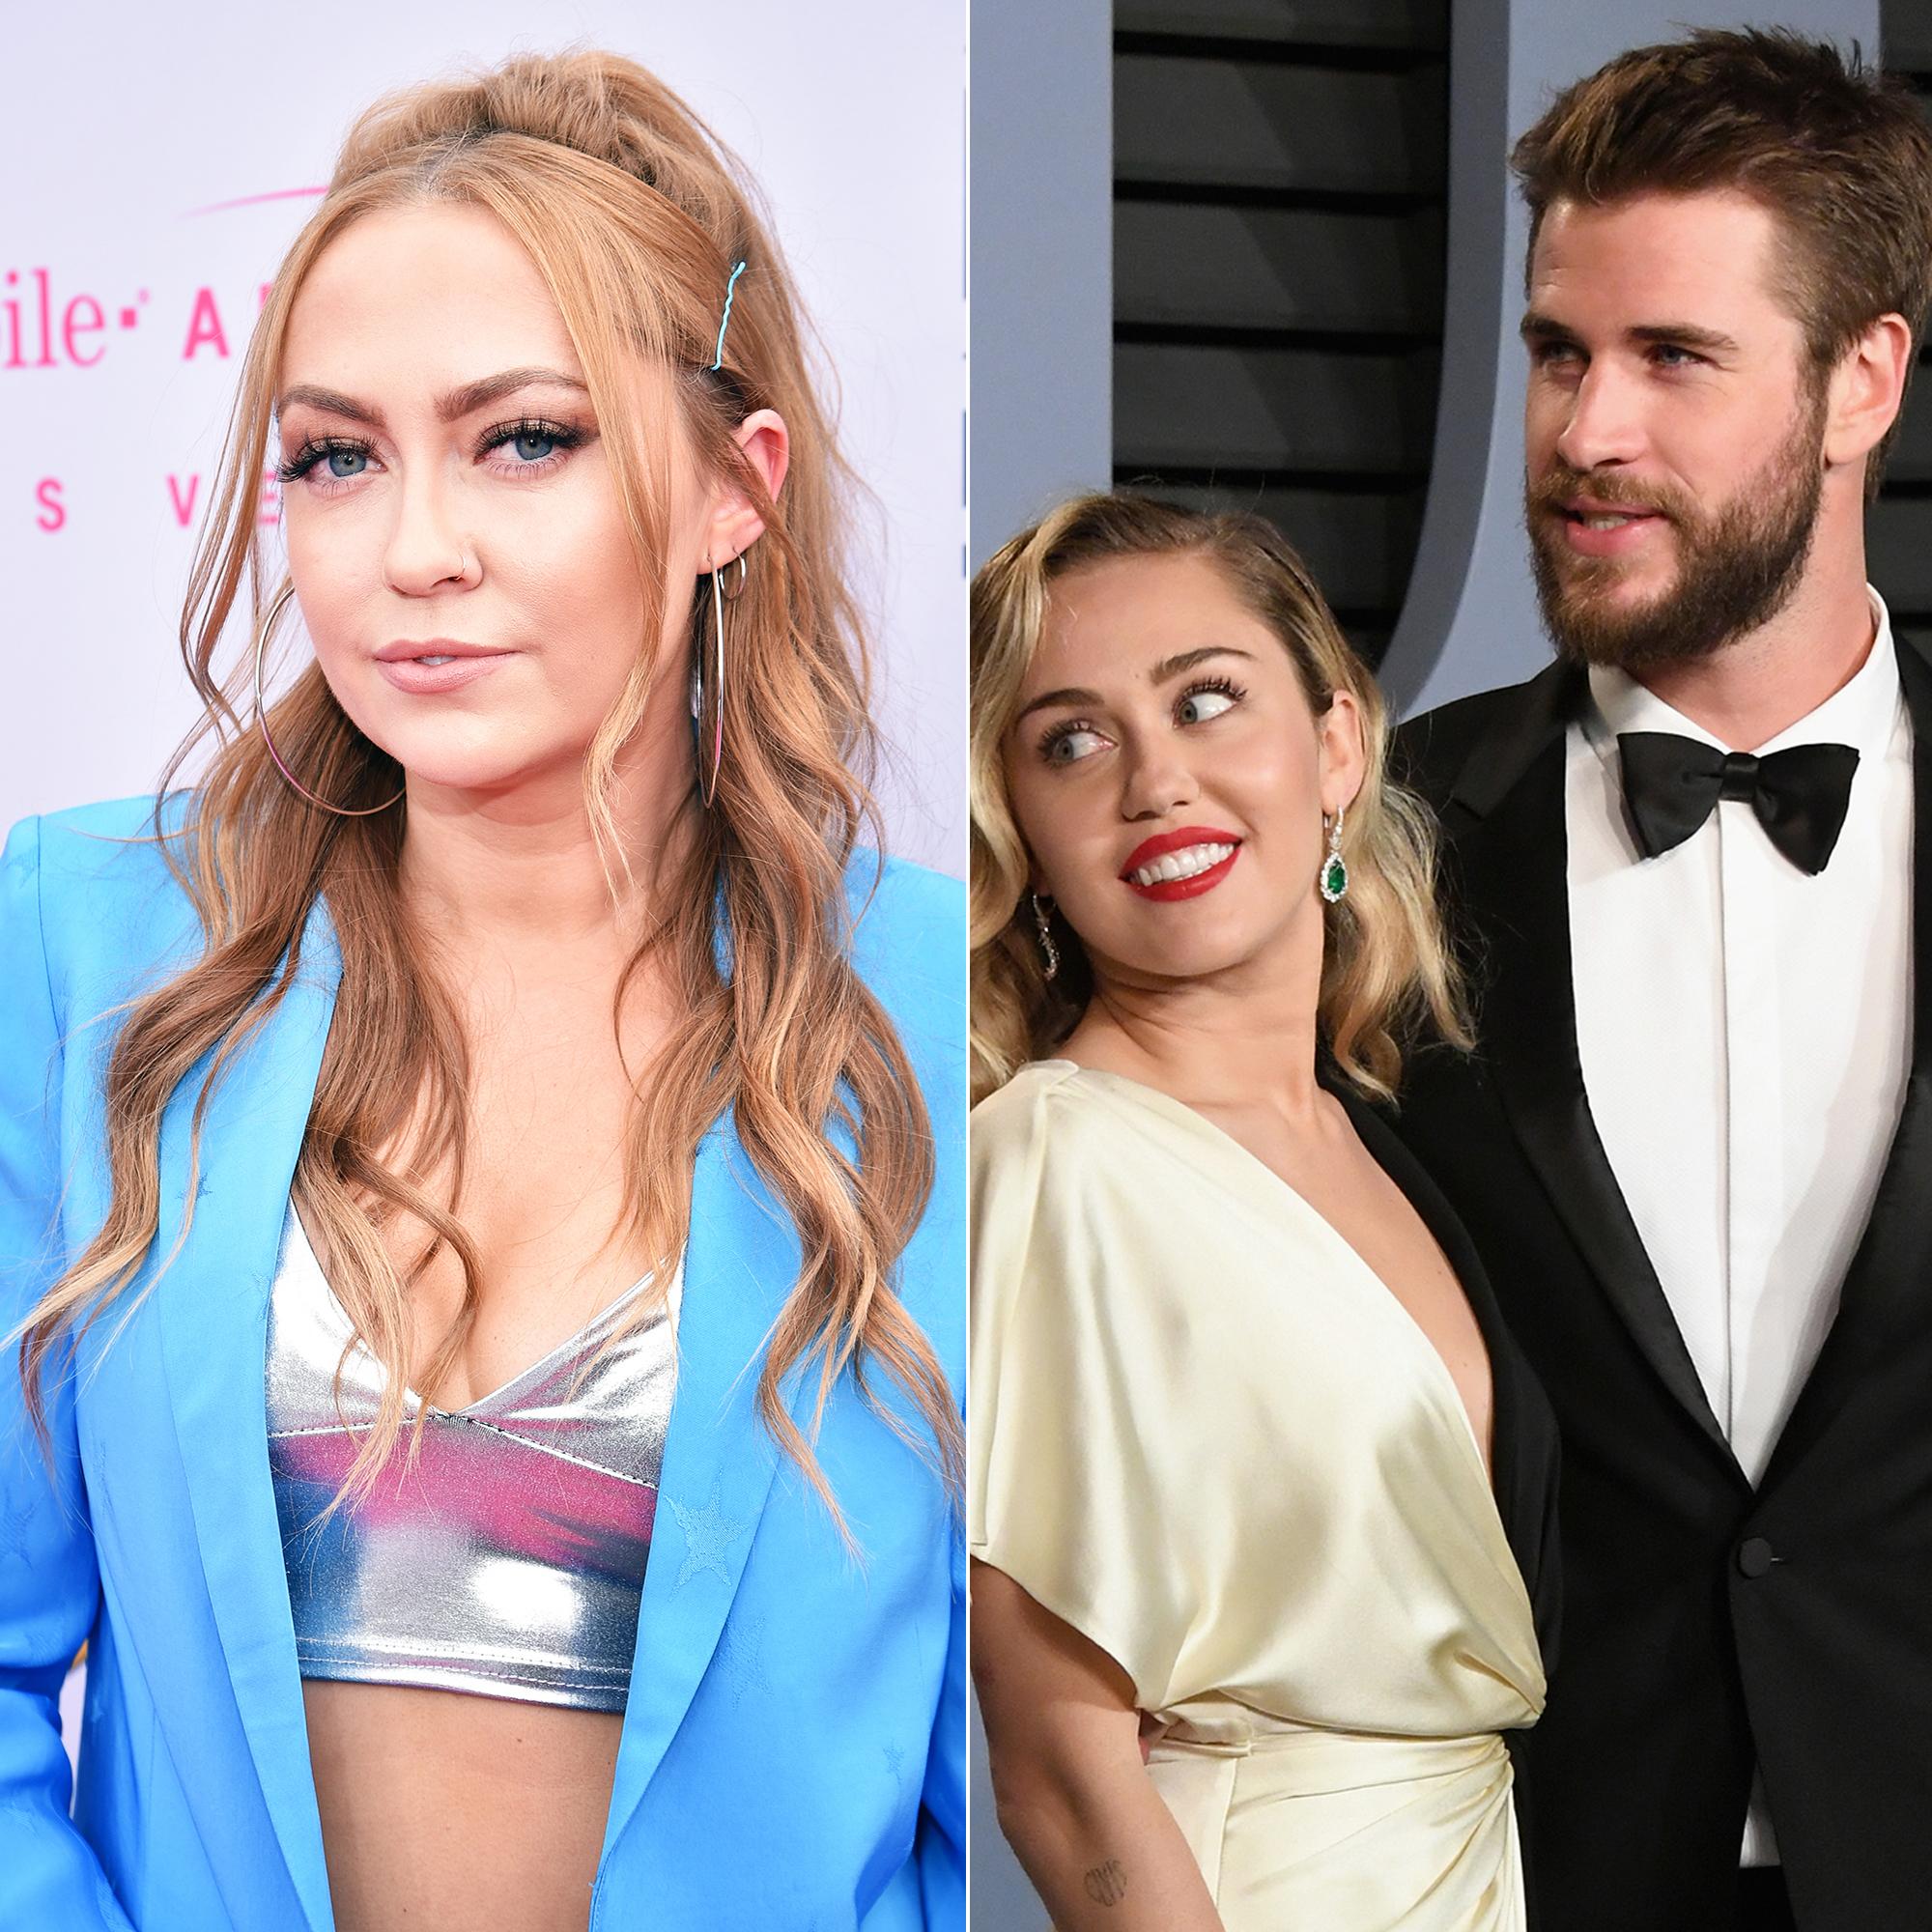 Miley cyrus 2019 leaked nude (66 pics)